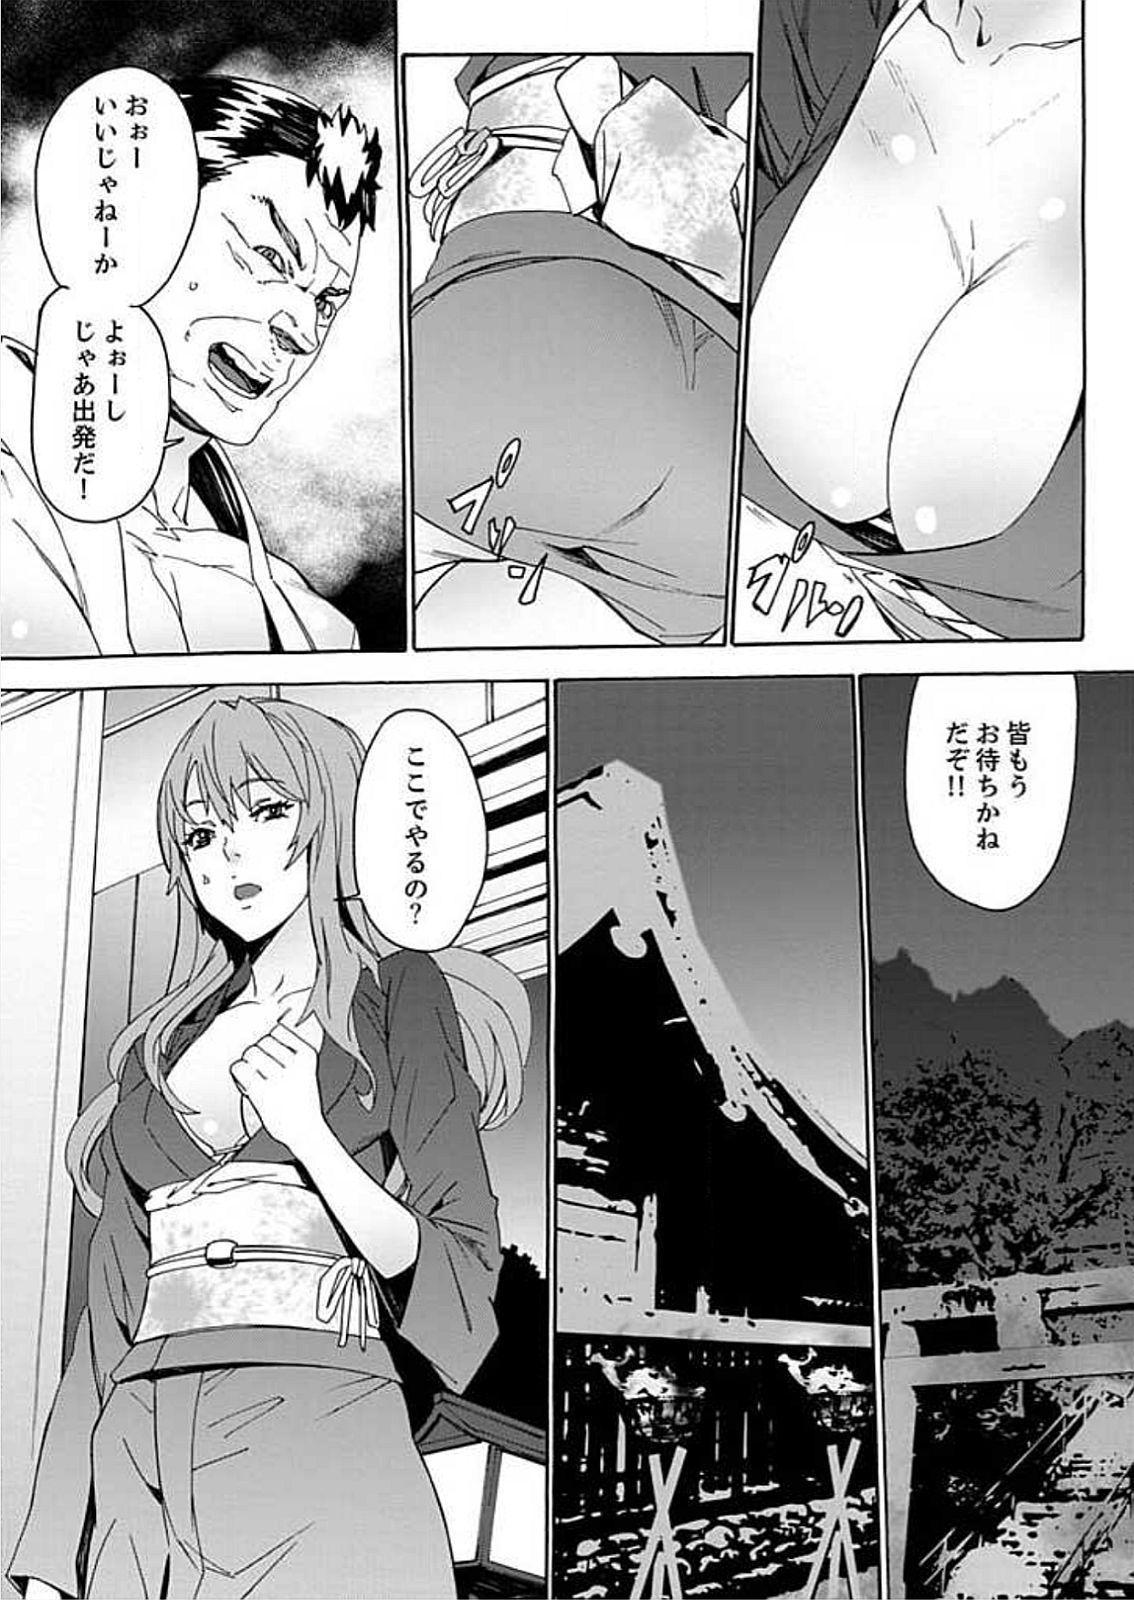 [OUMA] Inshuu no Matsuri ~Otoko Darake no Mura ni Onna Hitori~ 2 [Digital] 7